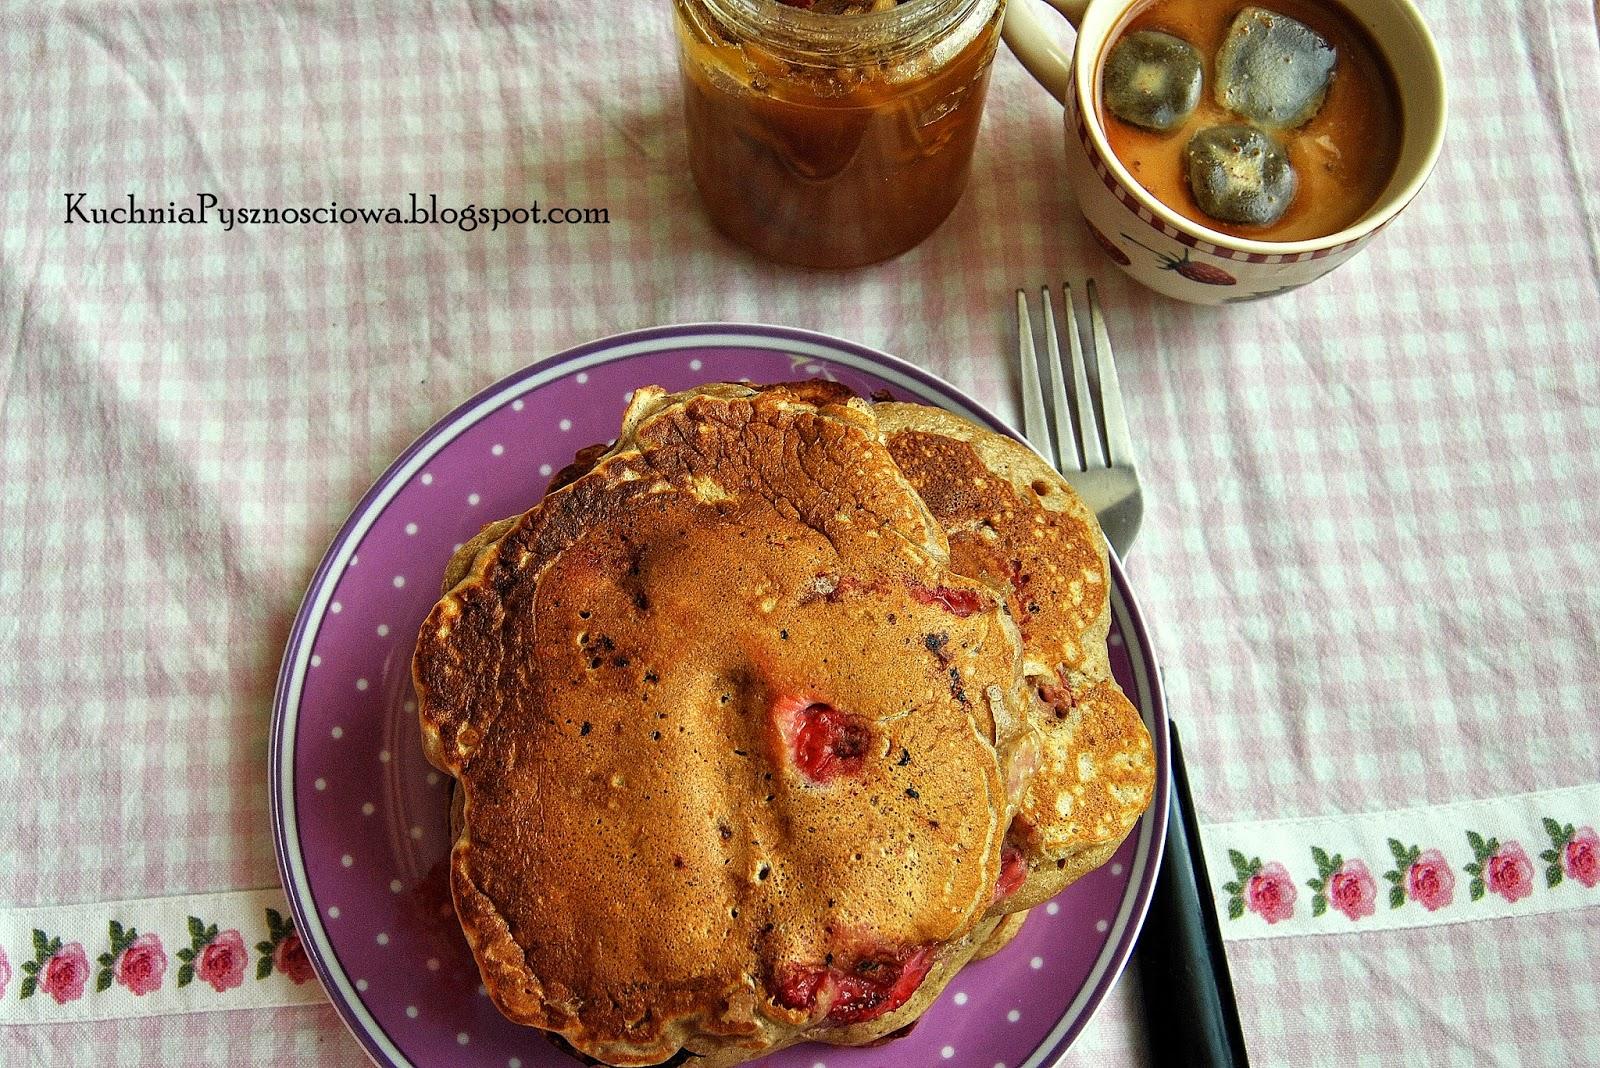 242. Razowe pancakes z truskawkami